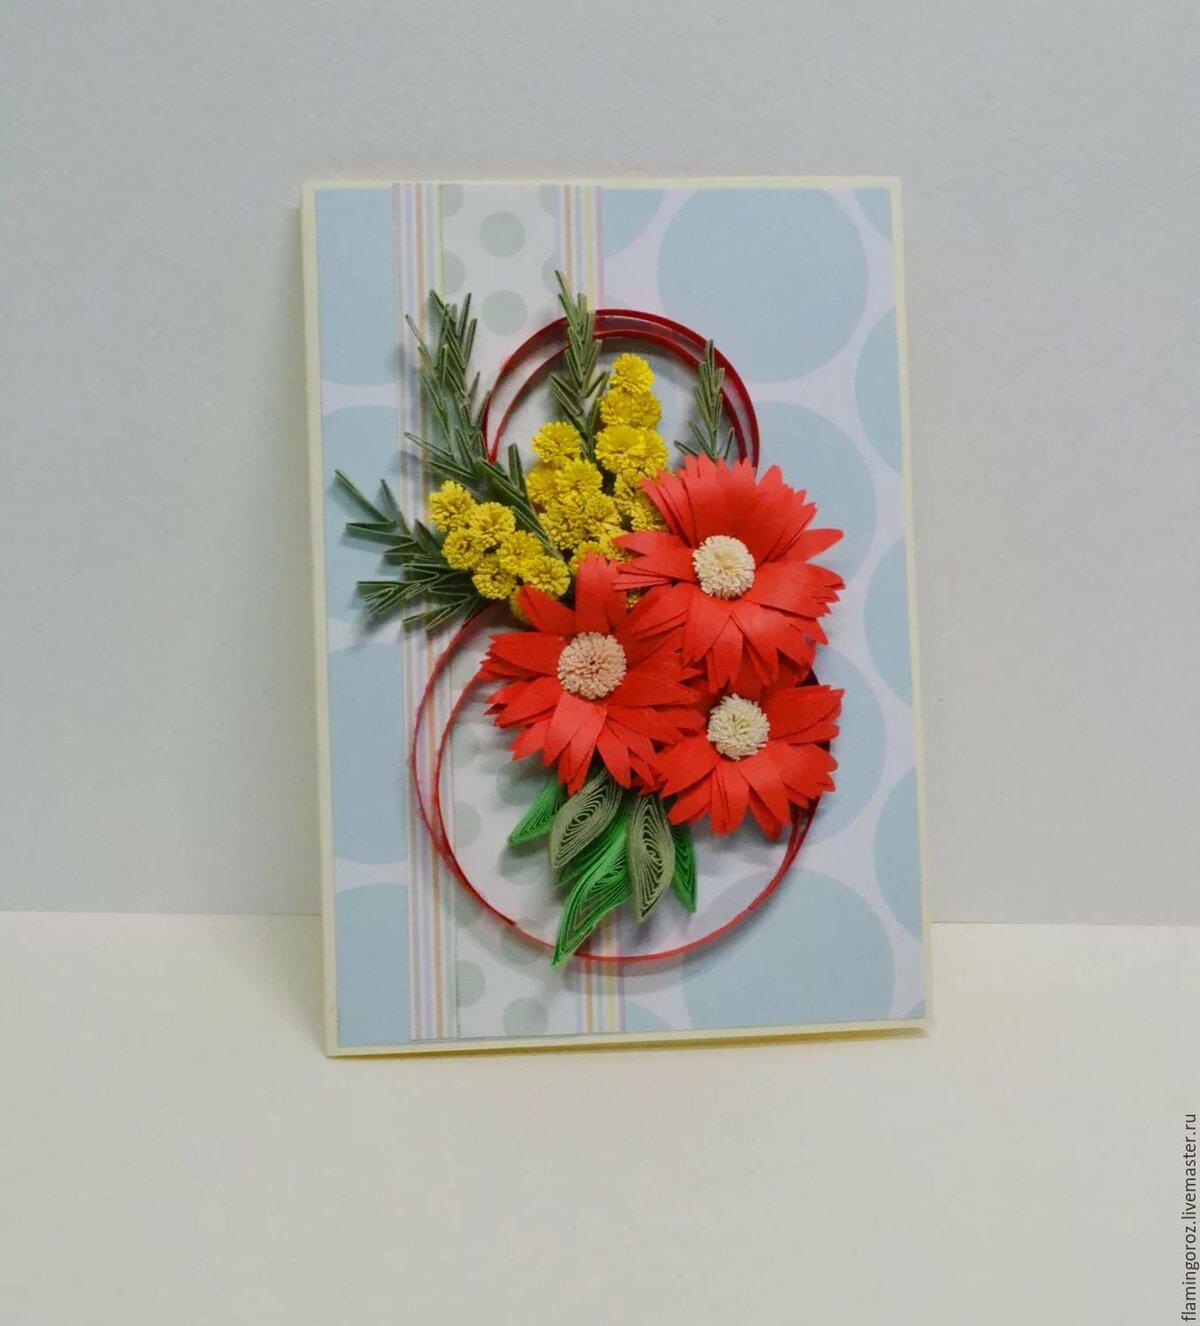 8 марта квиллинг открытки, открытки дню